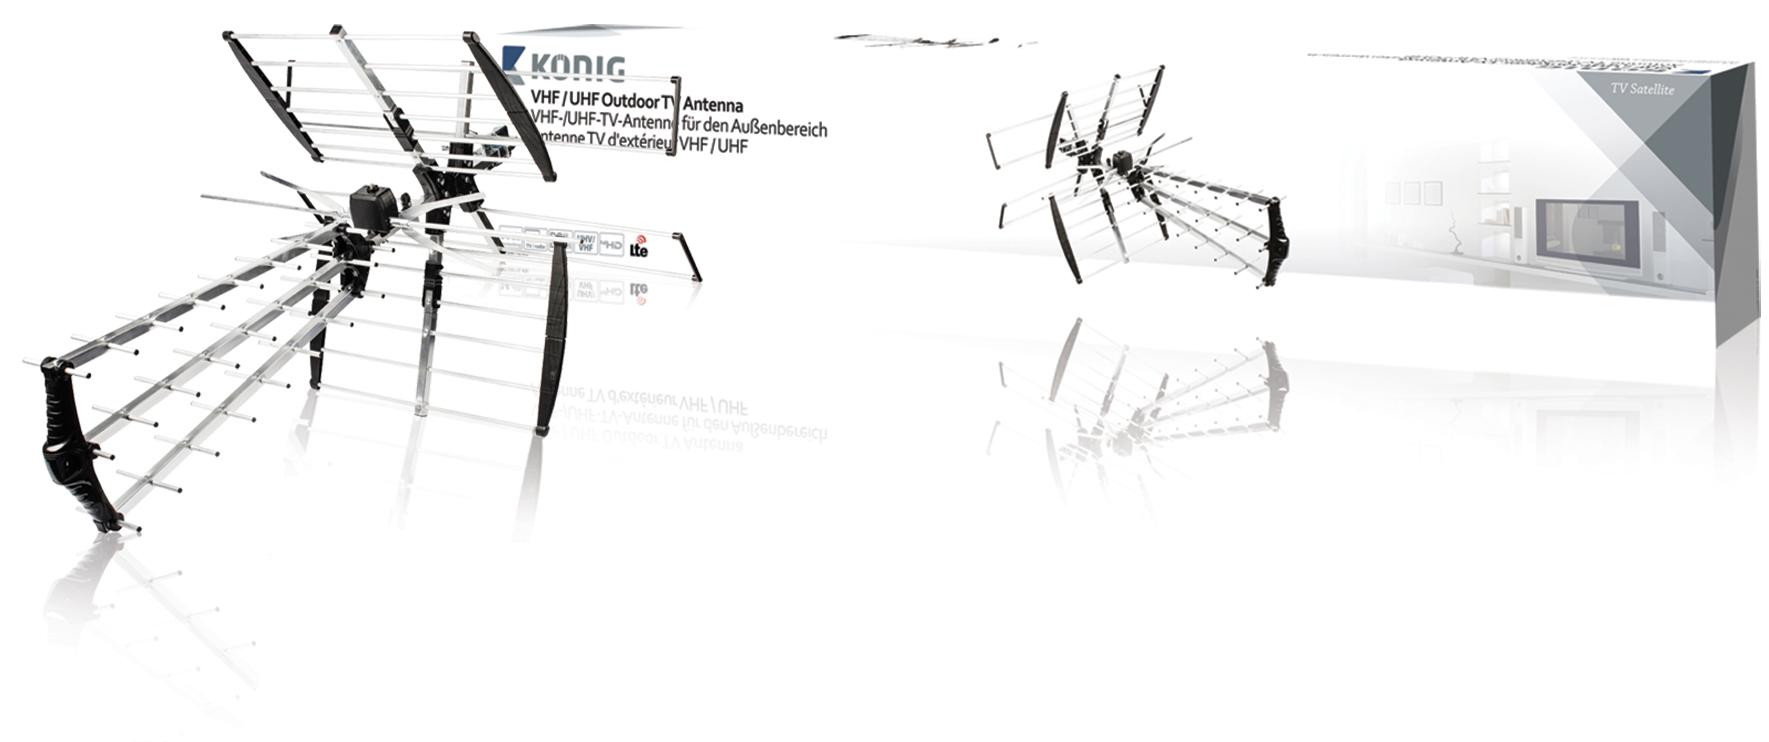 König ANT-UV11L-KN - VHF venkovní televizní anténa DVB-T, TV, VHF / UHF, FM rádio, 14 dB